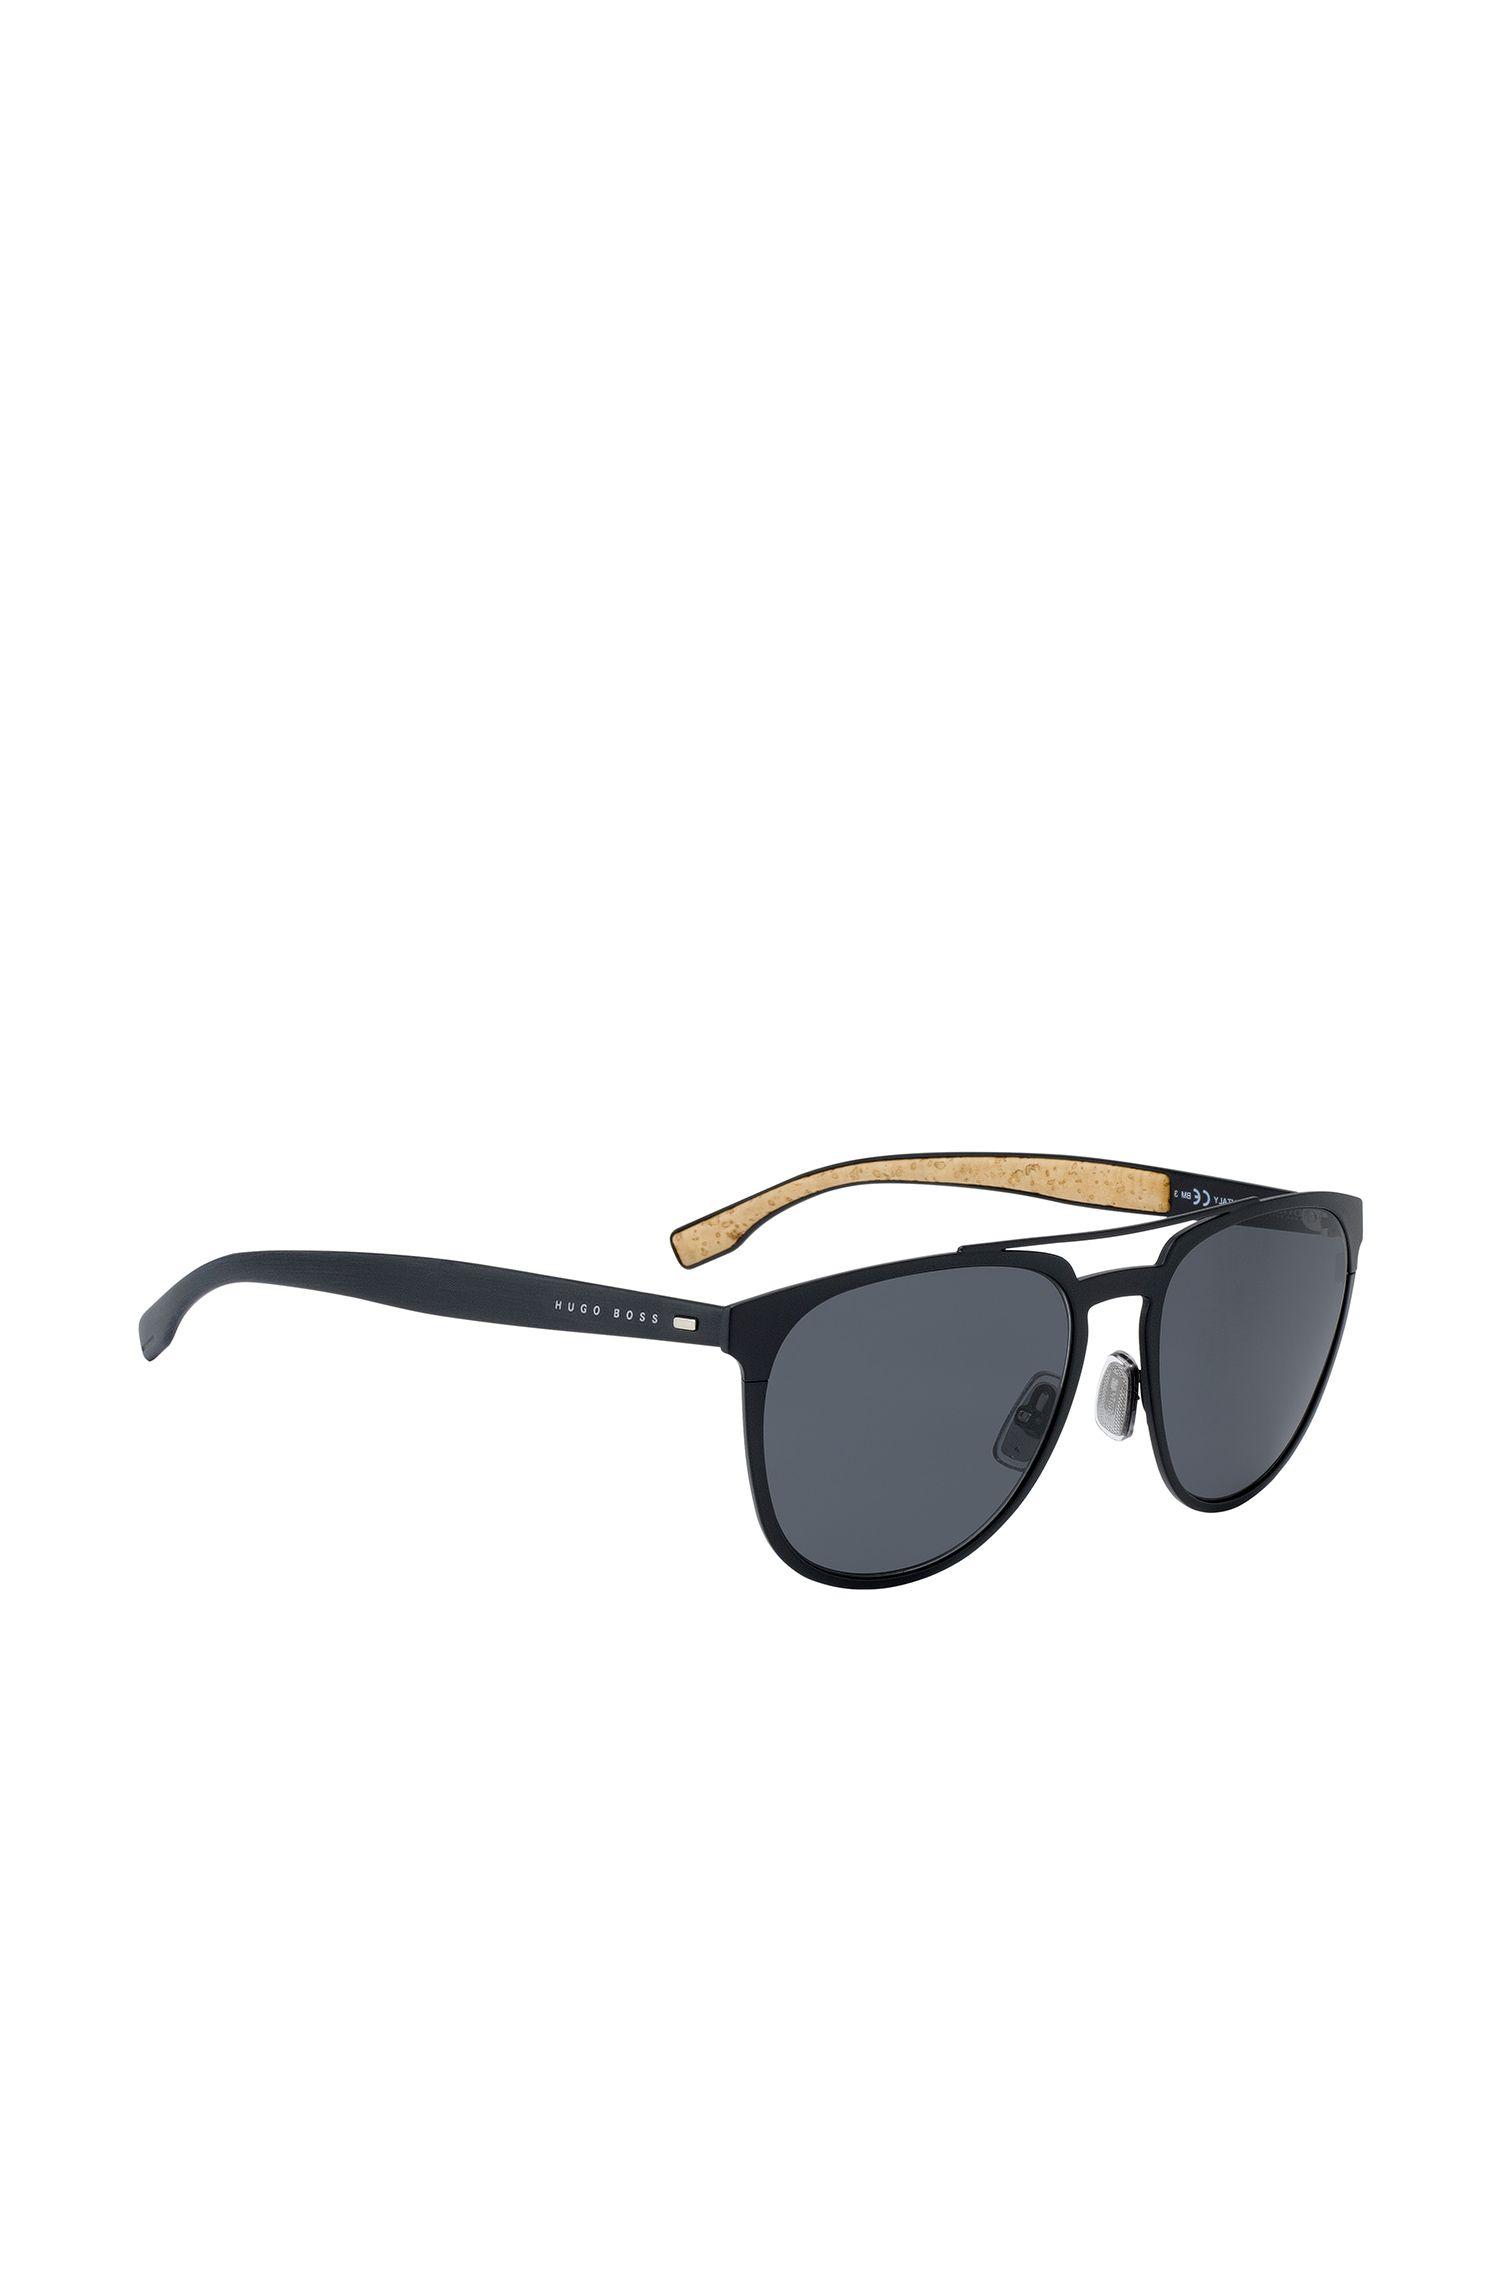 Gafas de sol de aviador con montura fina y metalizada de color negro, Negro